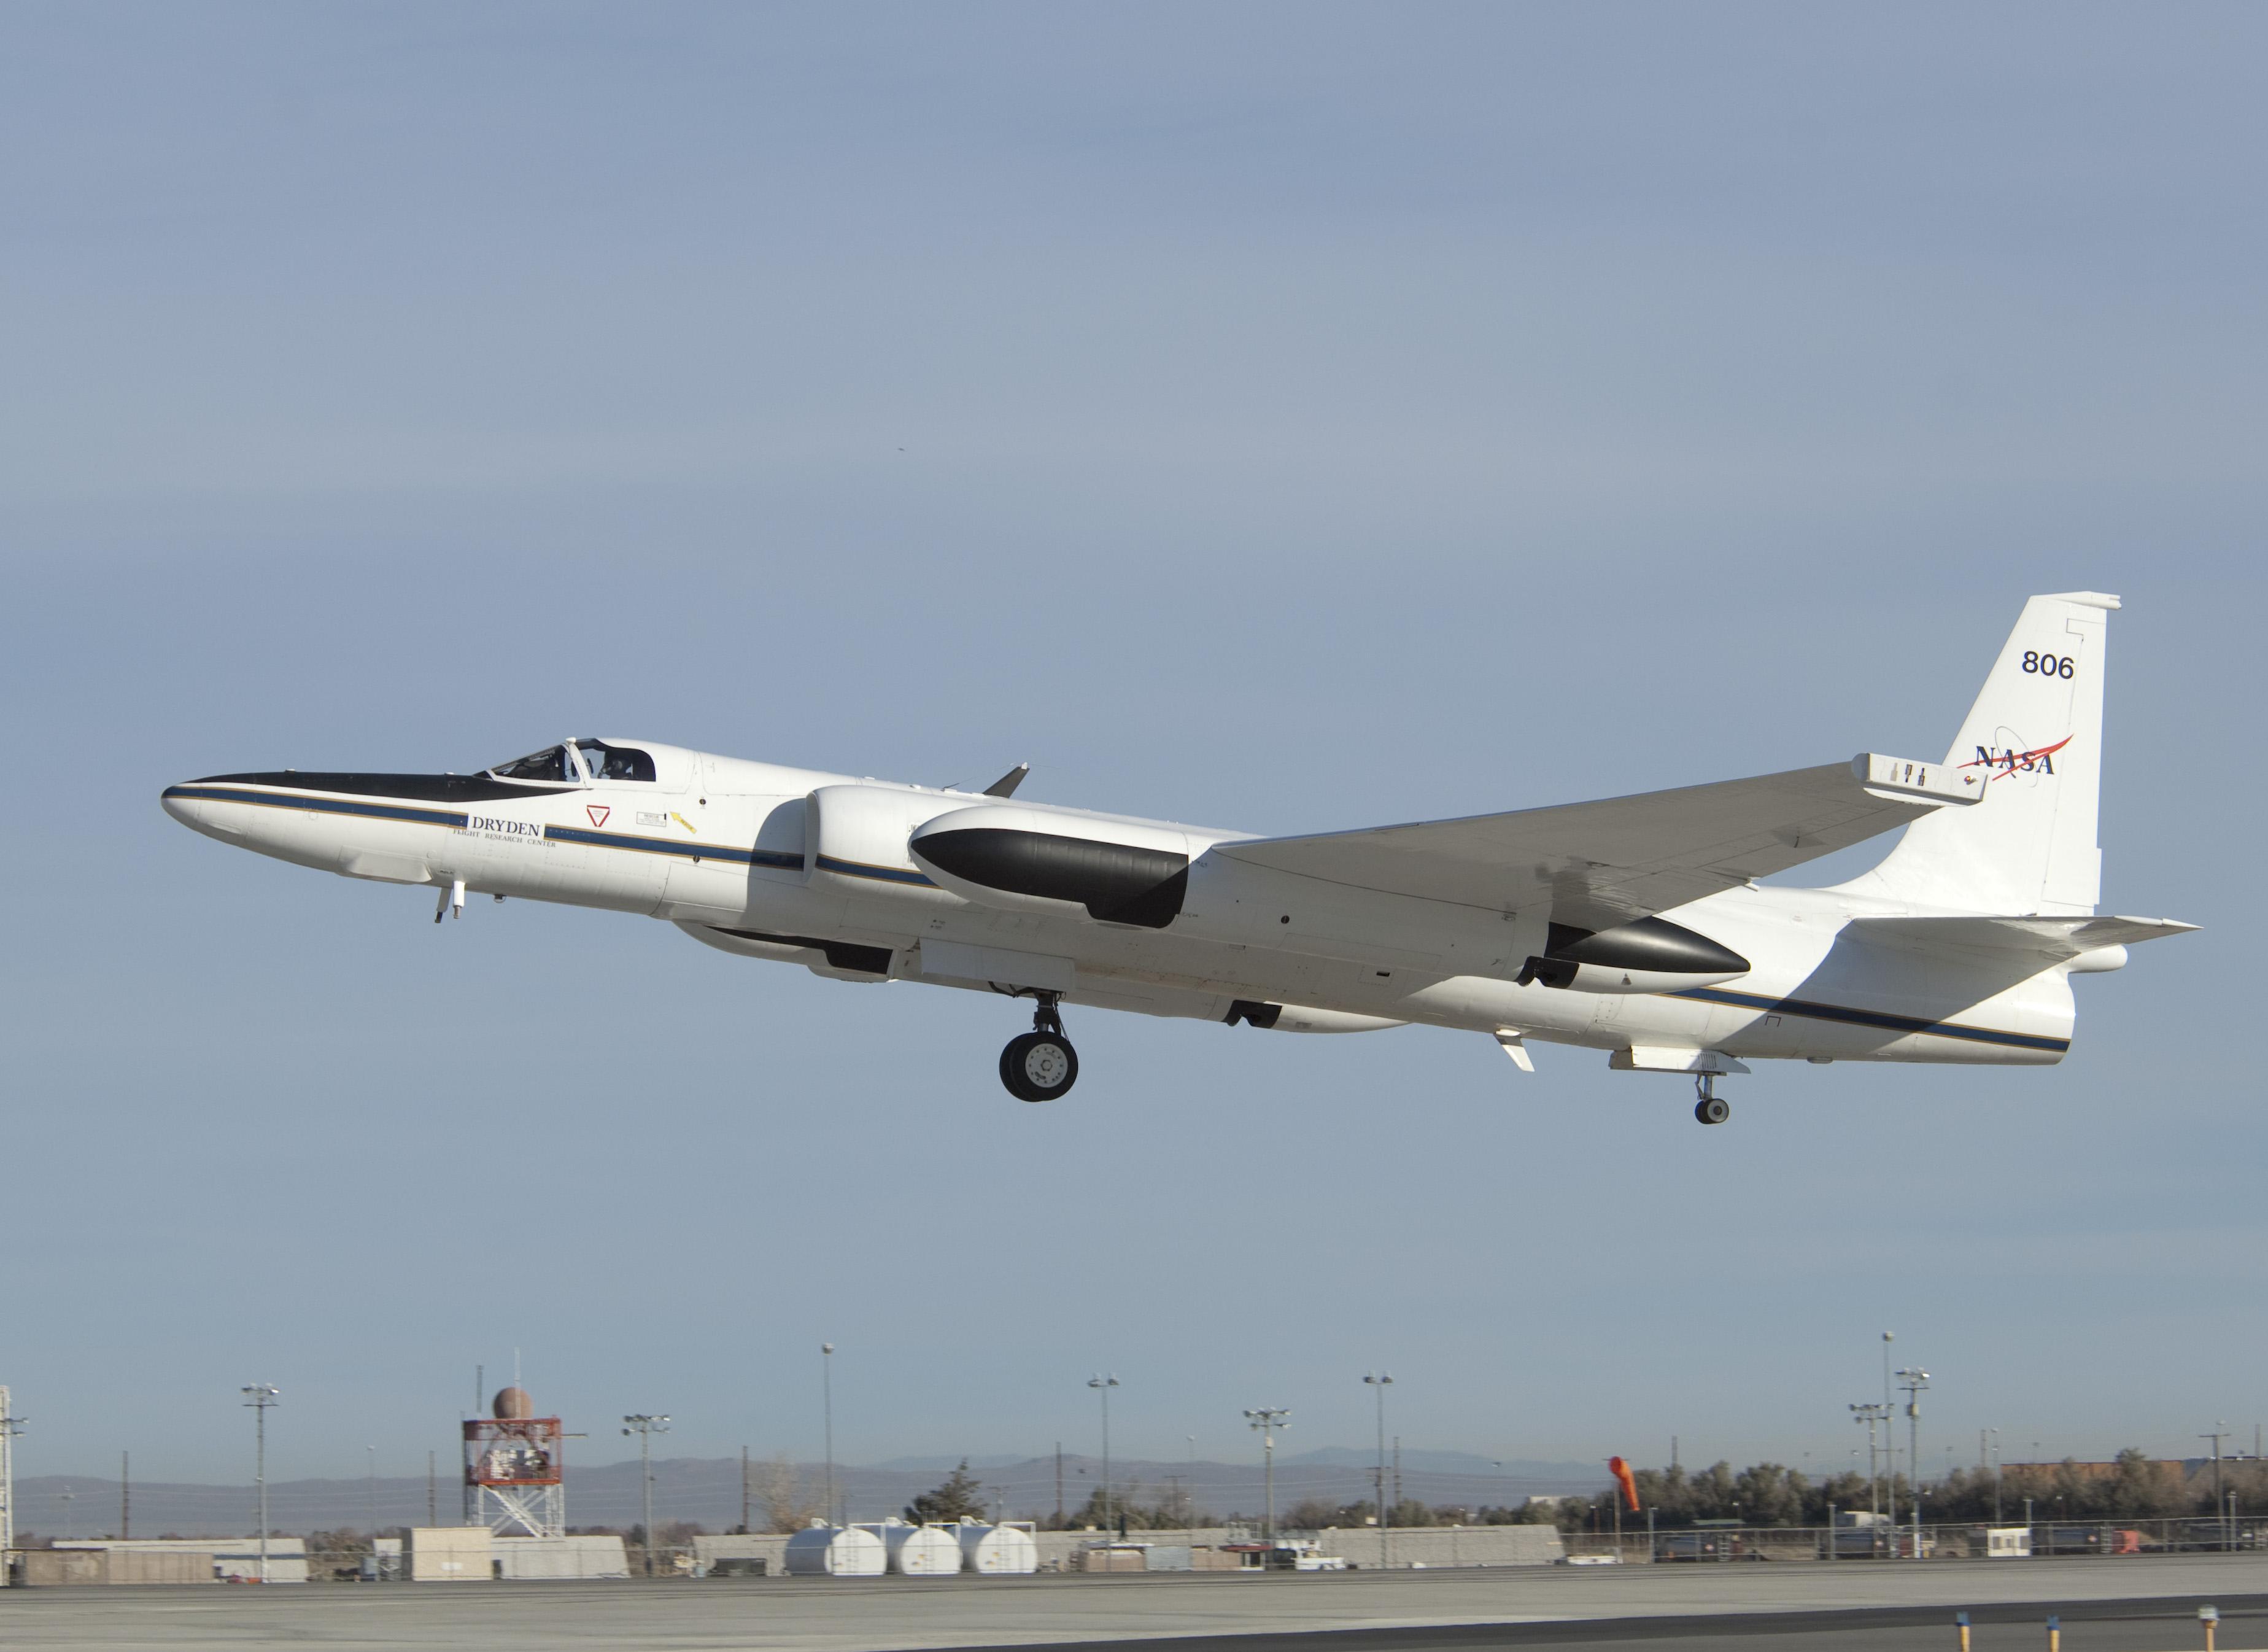 nasa high altitude aircraft - photo #2